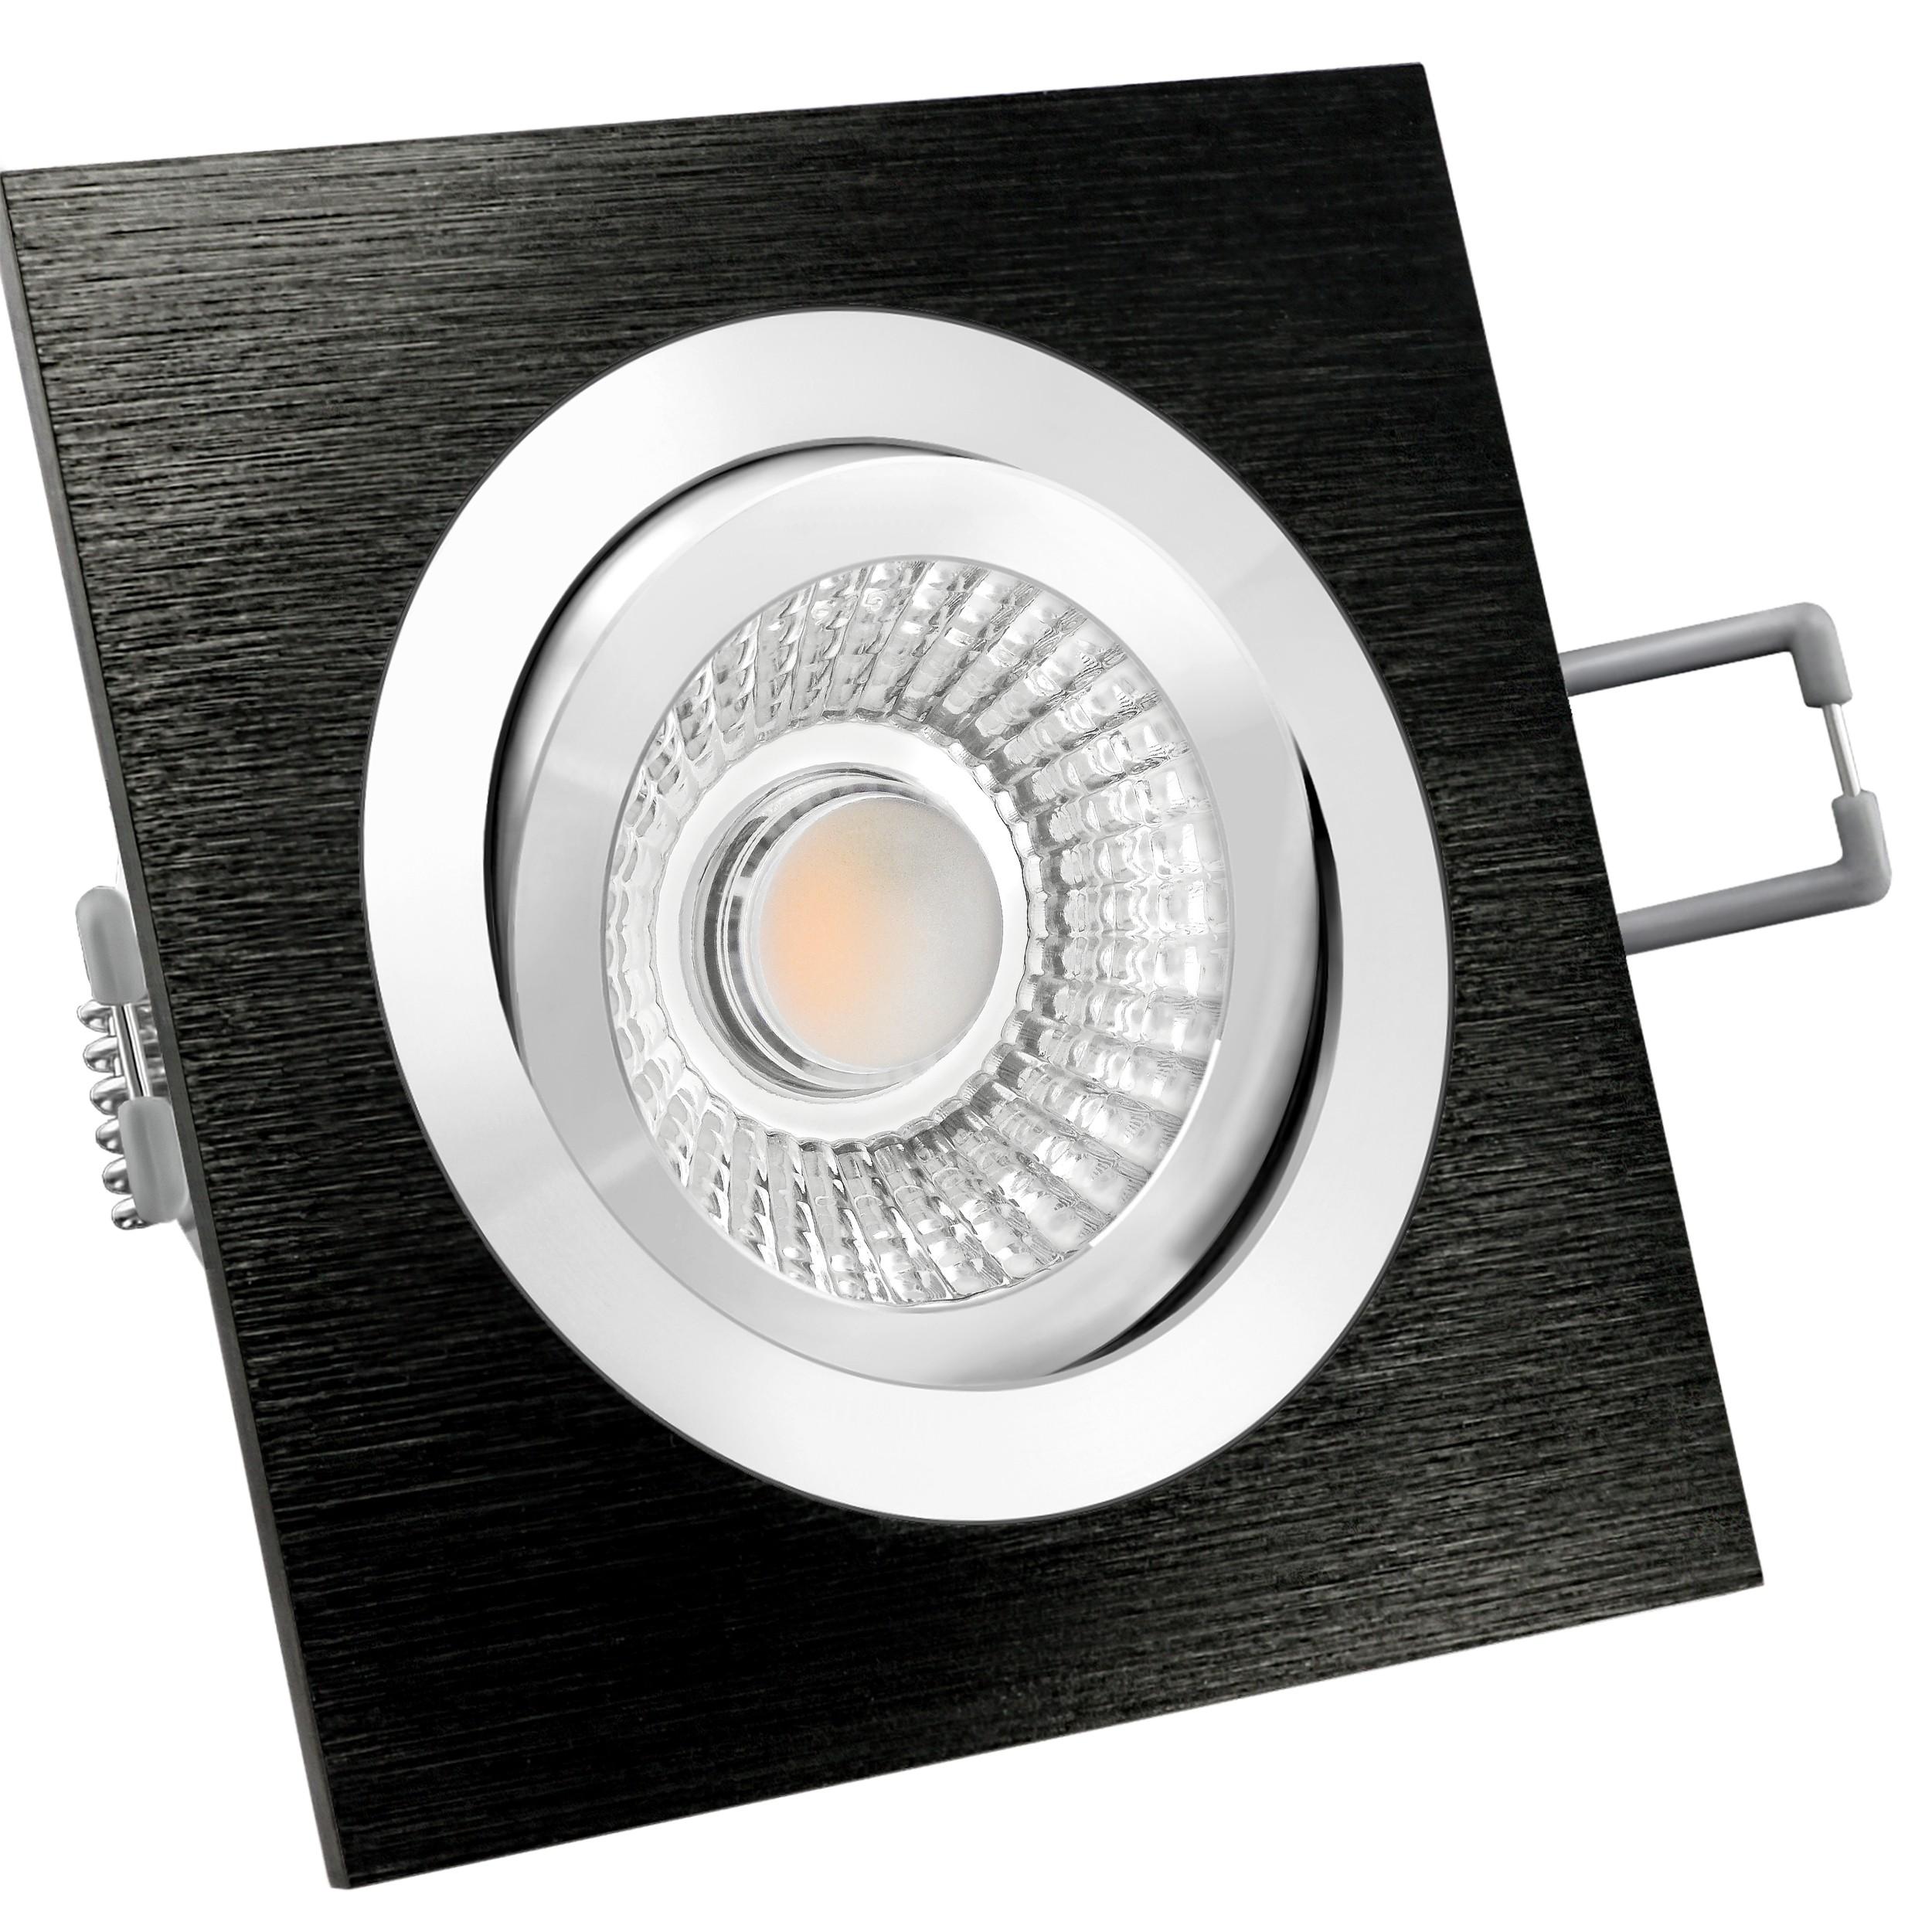 flach und schwenkbar LED-Modul 5W warm weiß 2700K QF-2 LED-Einbauleuchte weiß